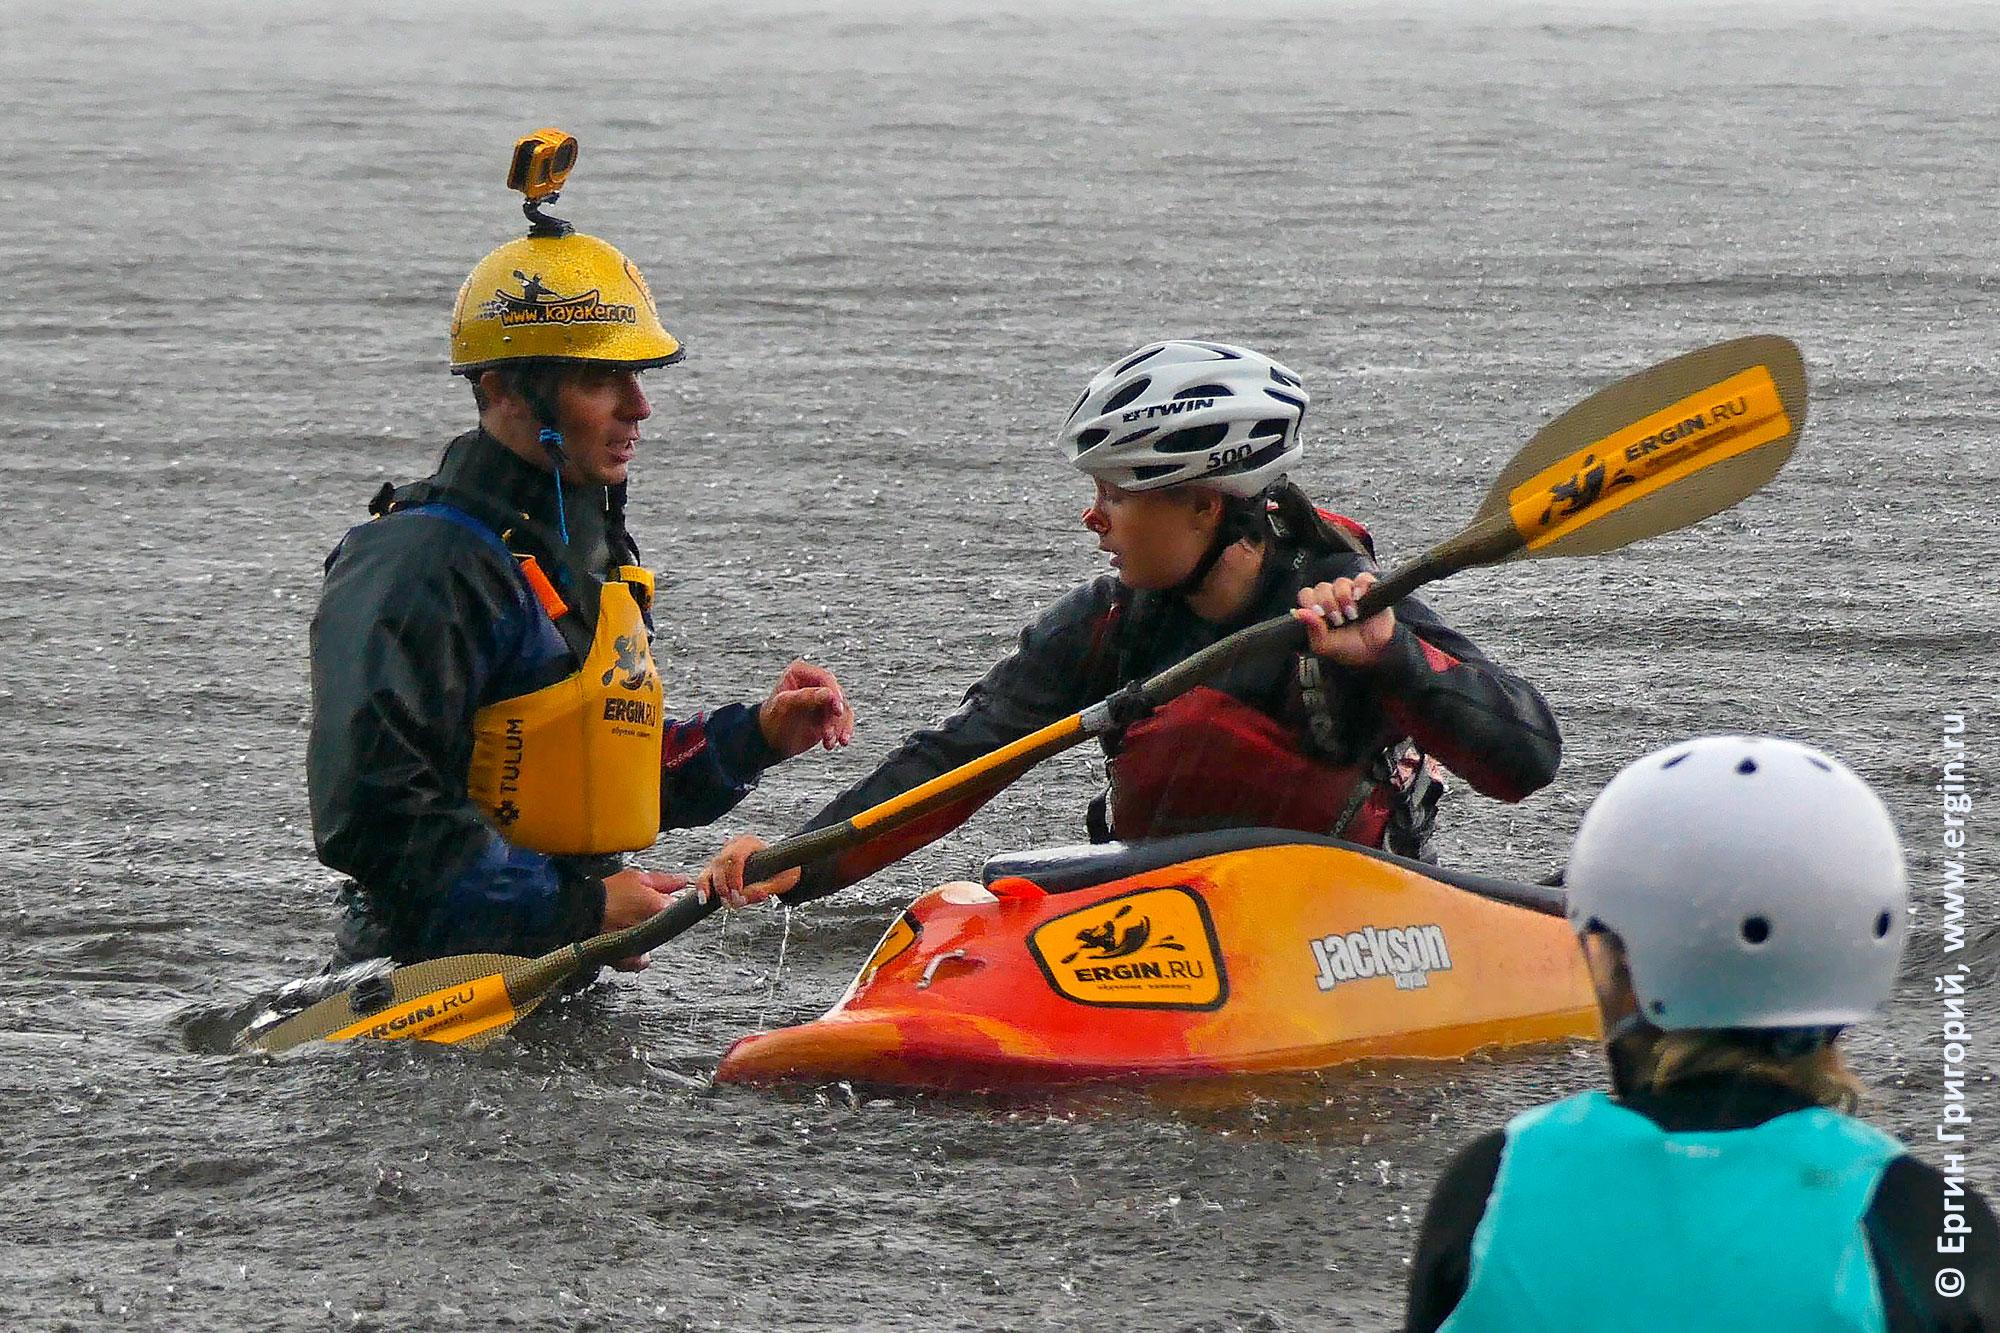 Тренировка на каяках в дождь